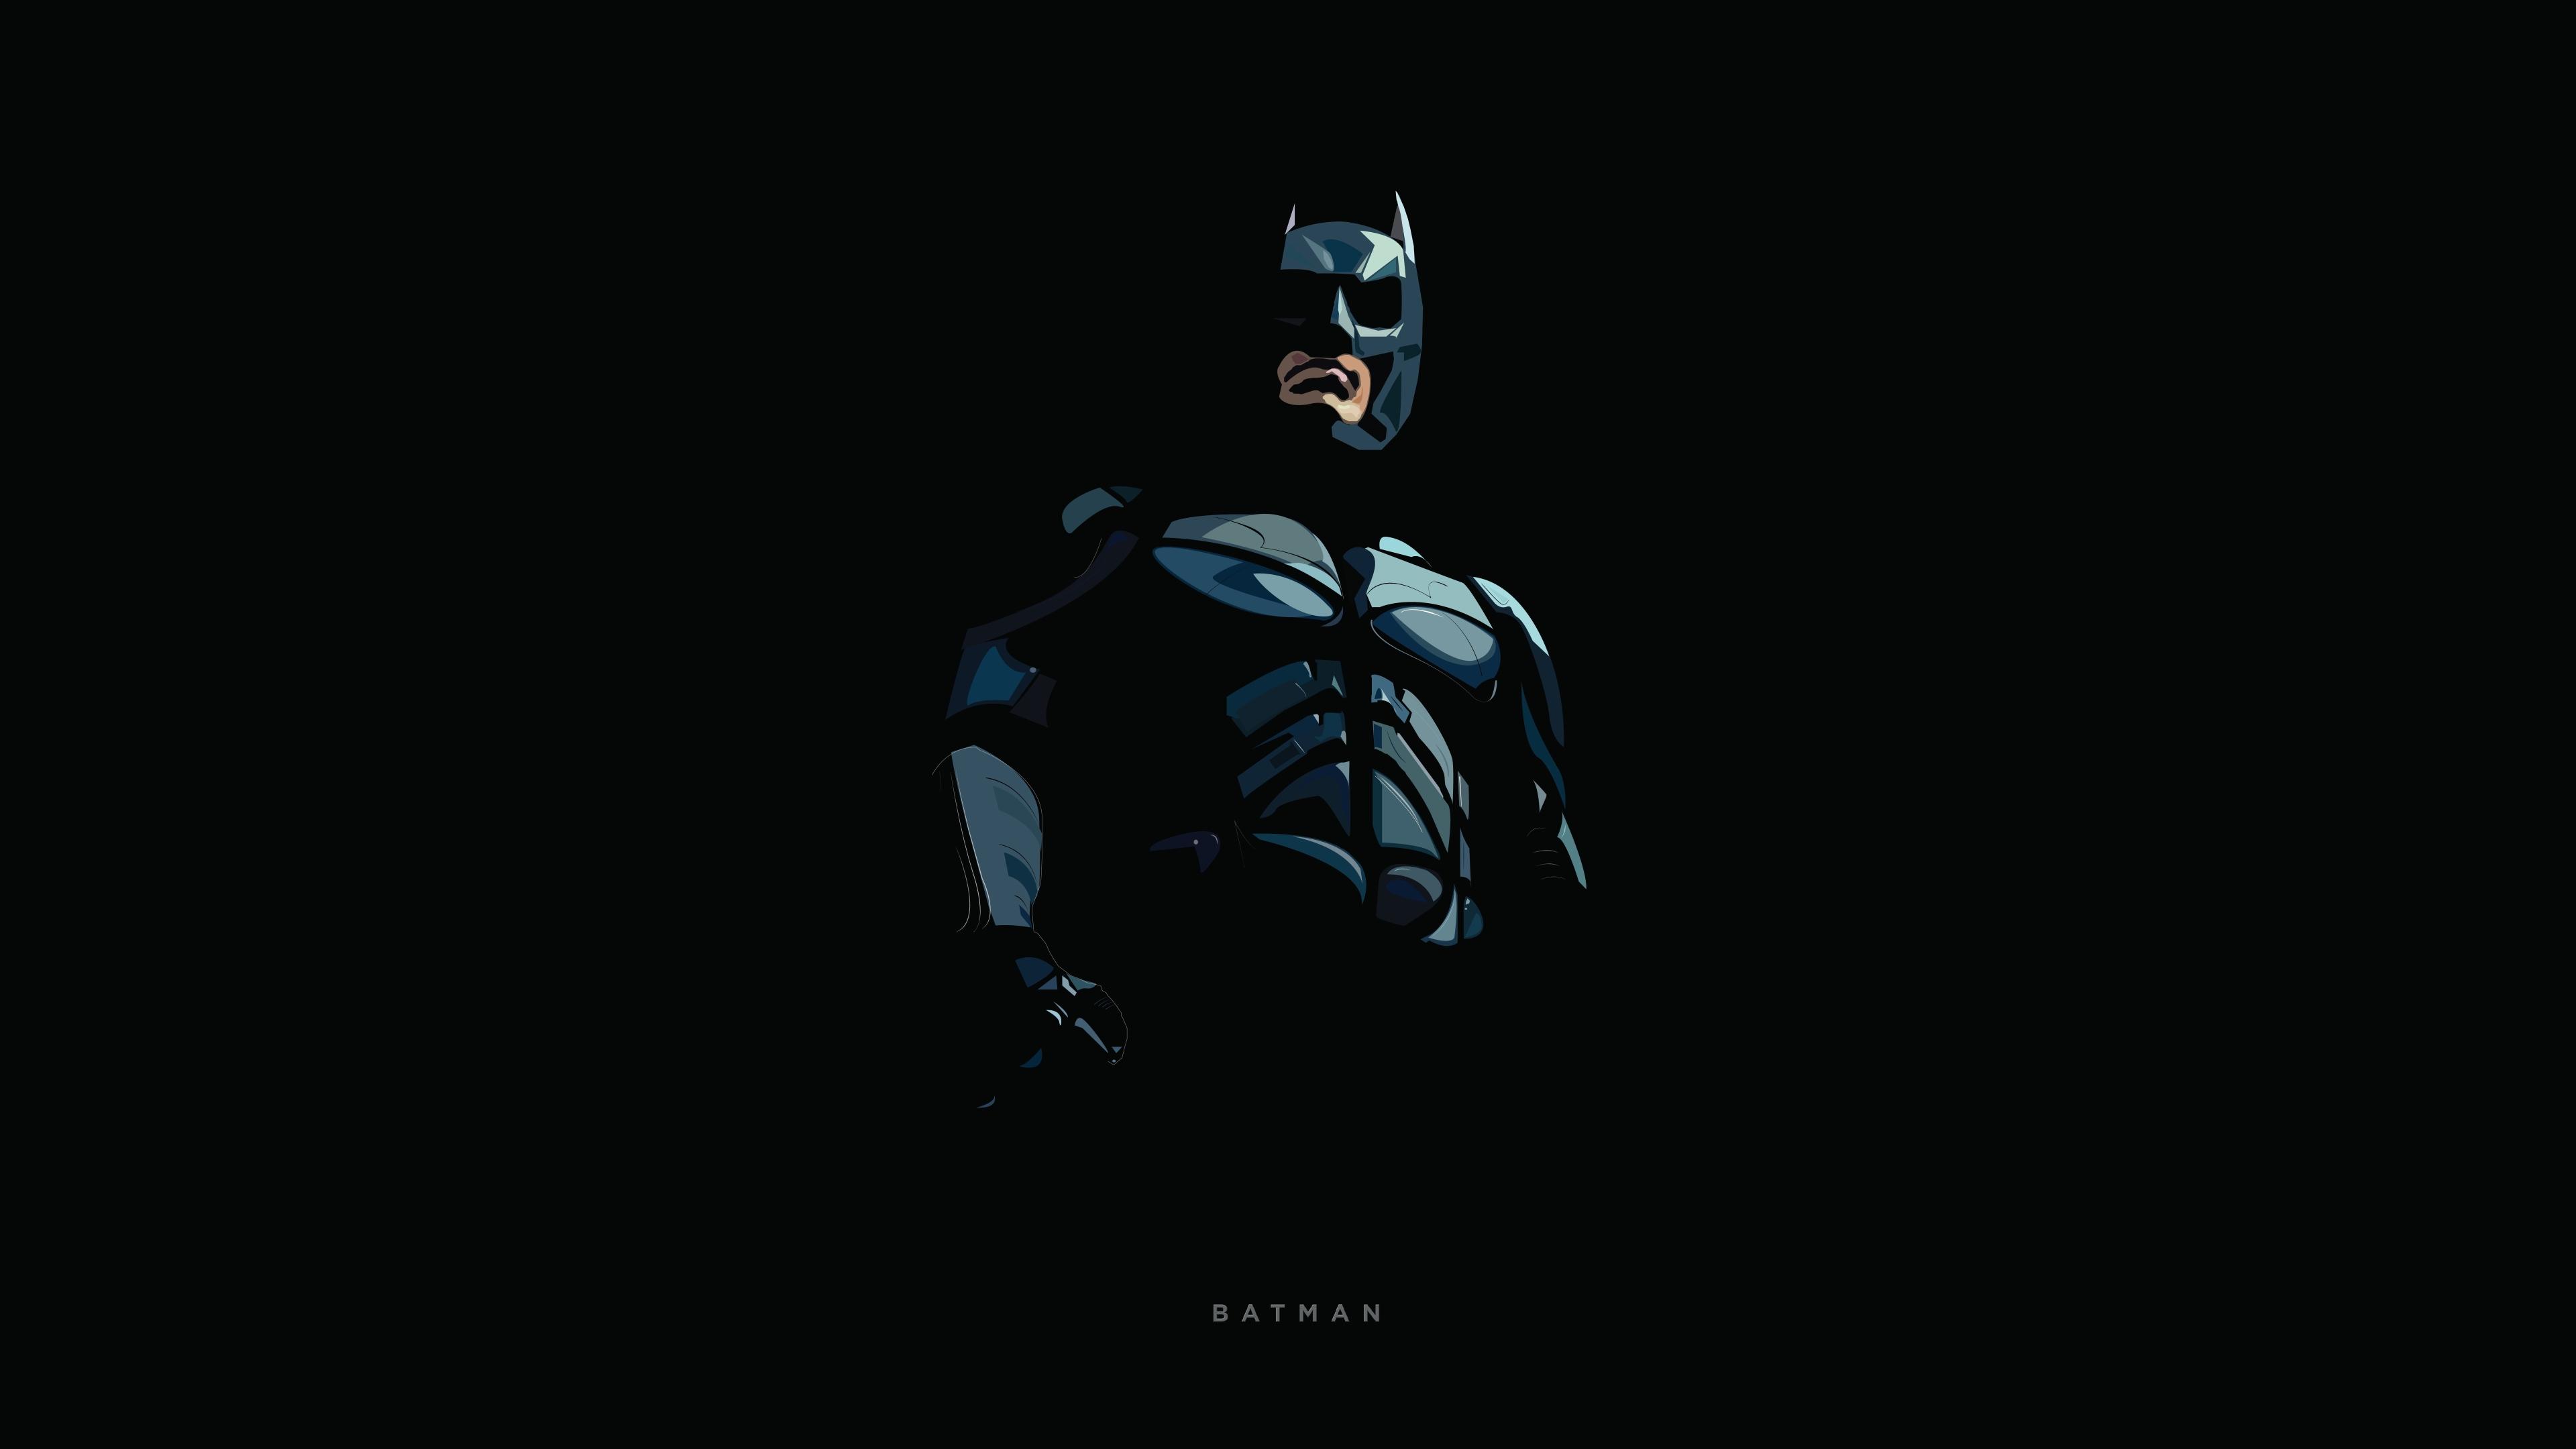 3840x2160 Batman Minimal Illustration 4k Wallpaper Hd